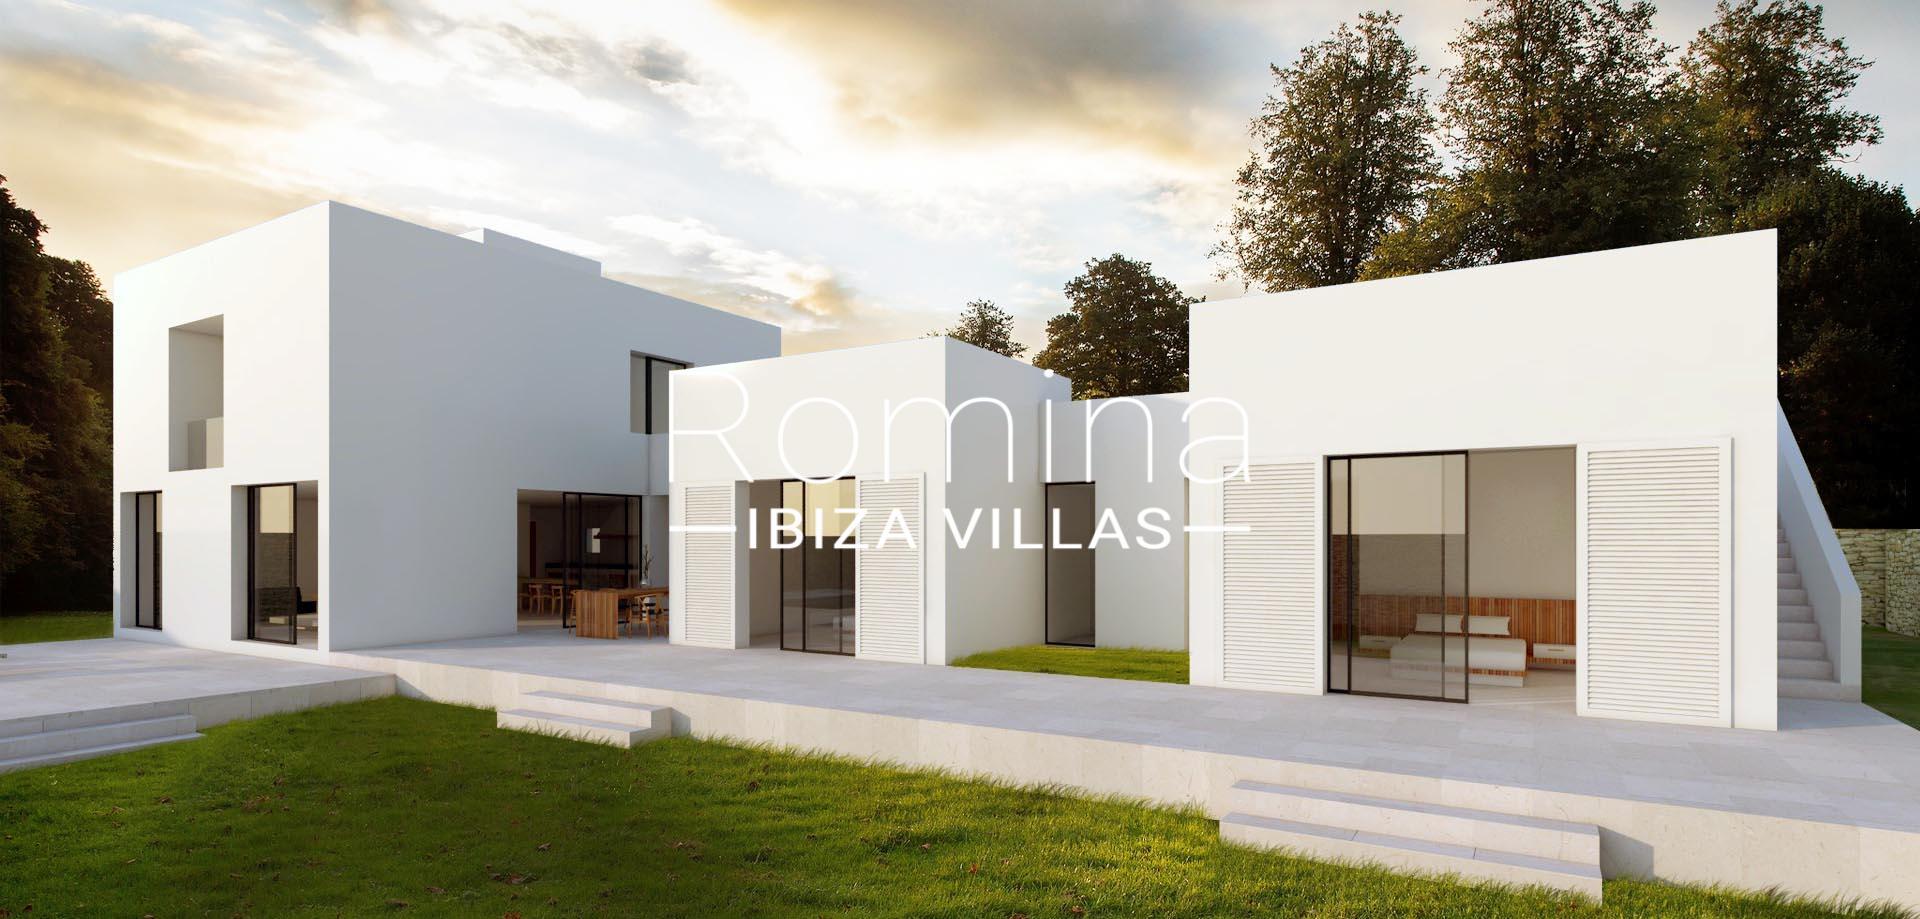 Casa con proyecto6projet1 romina ibiza villas for Case con casa suocera